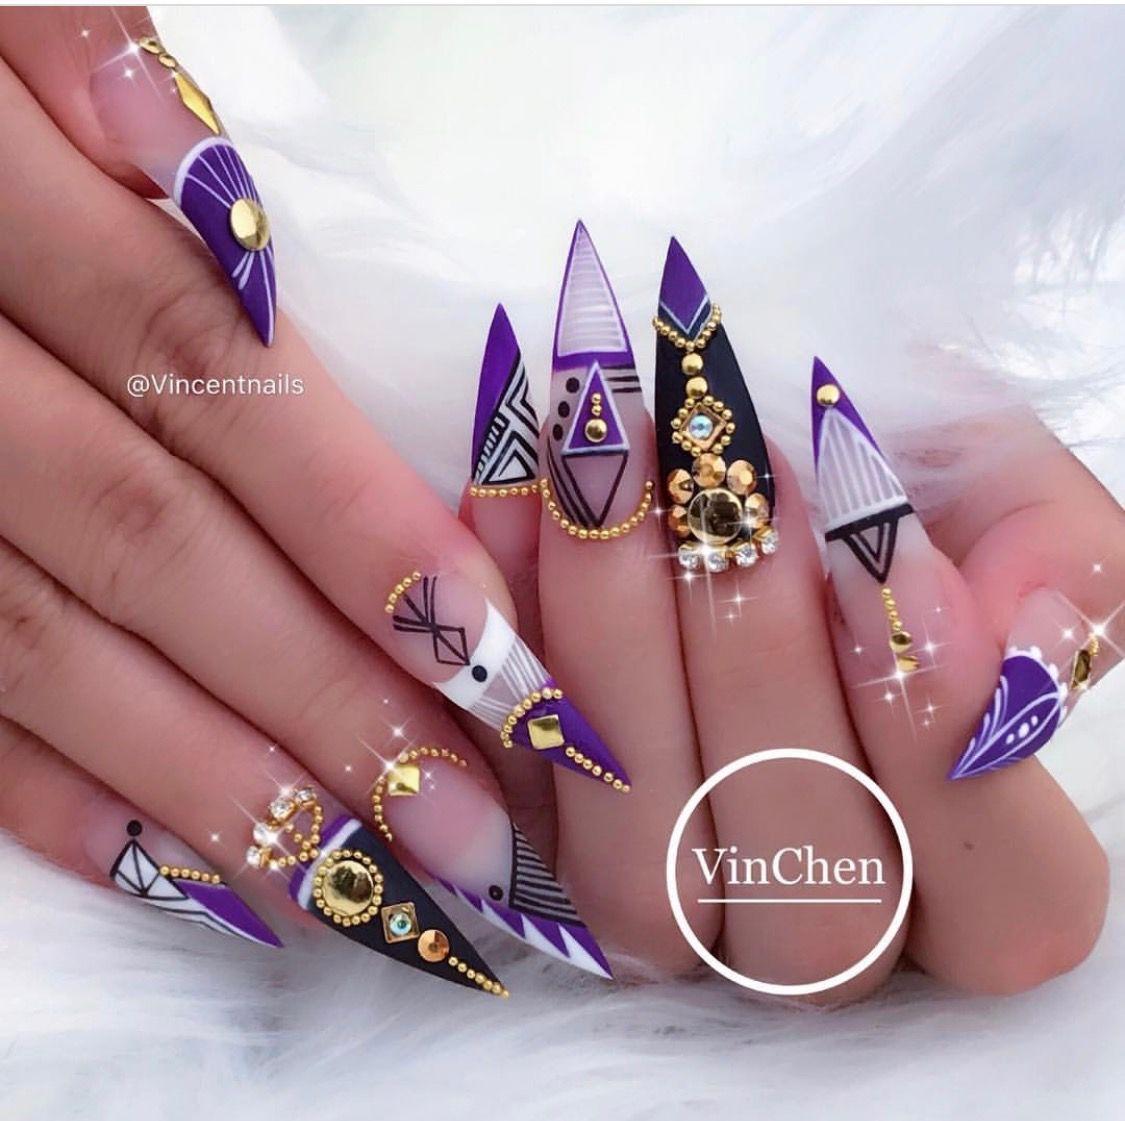 Pin by Iyana on Nails | Pinterest | Nail nail, Makeup and Nails ...